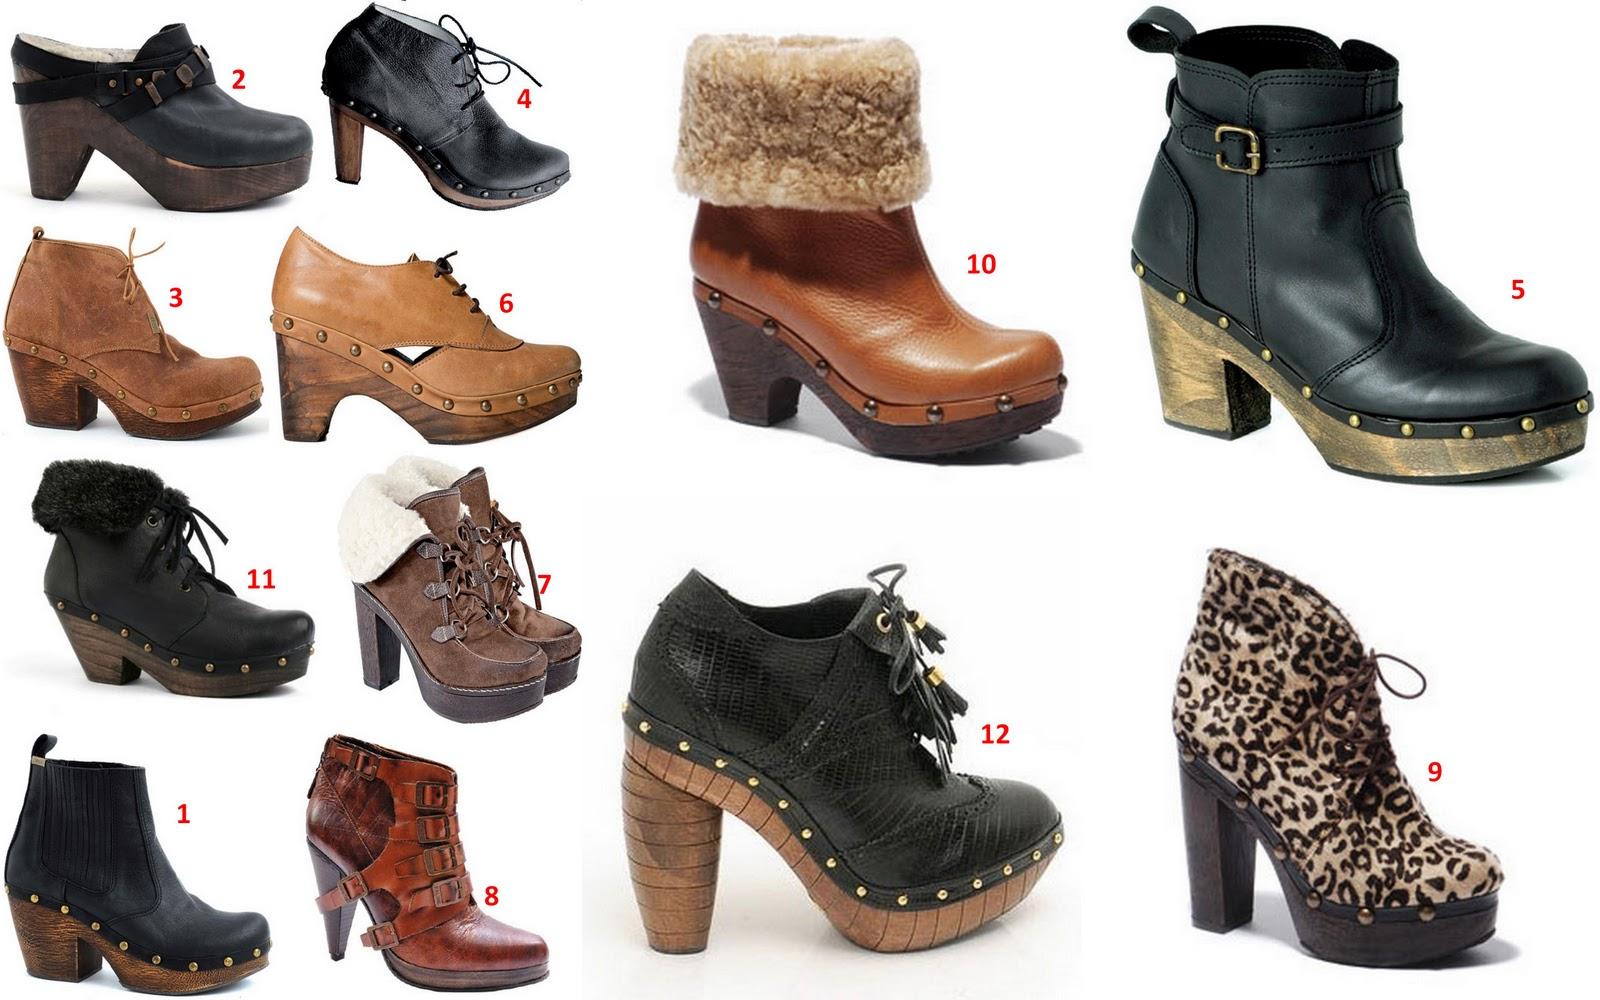 botinetas acordonadas con base de madera kosiuko bota corta con herraje  traza zuecos de cuero acordonados 0fab34413df